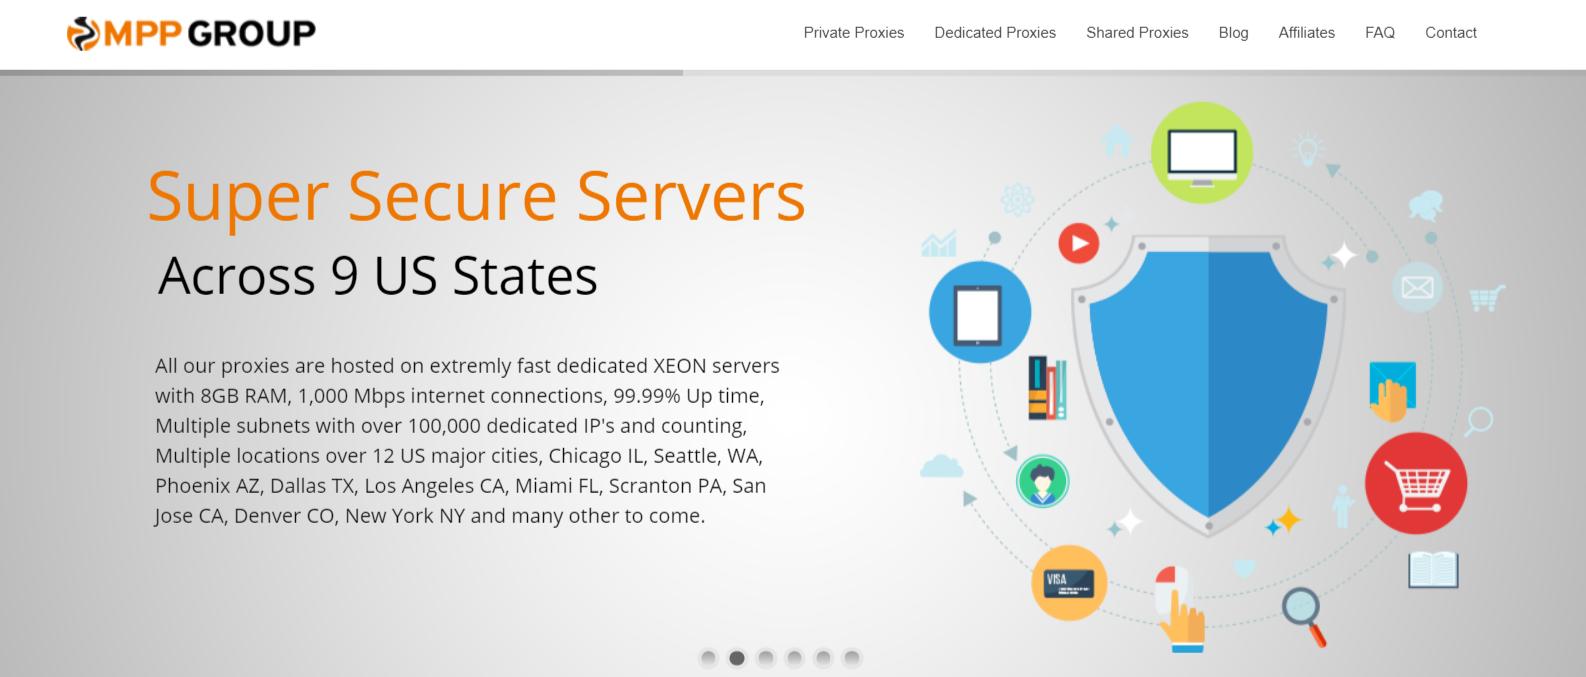 MyPrivateProxy- Best Cheap Private Proxy Servers